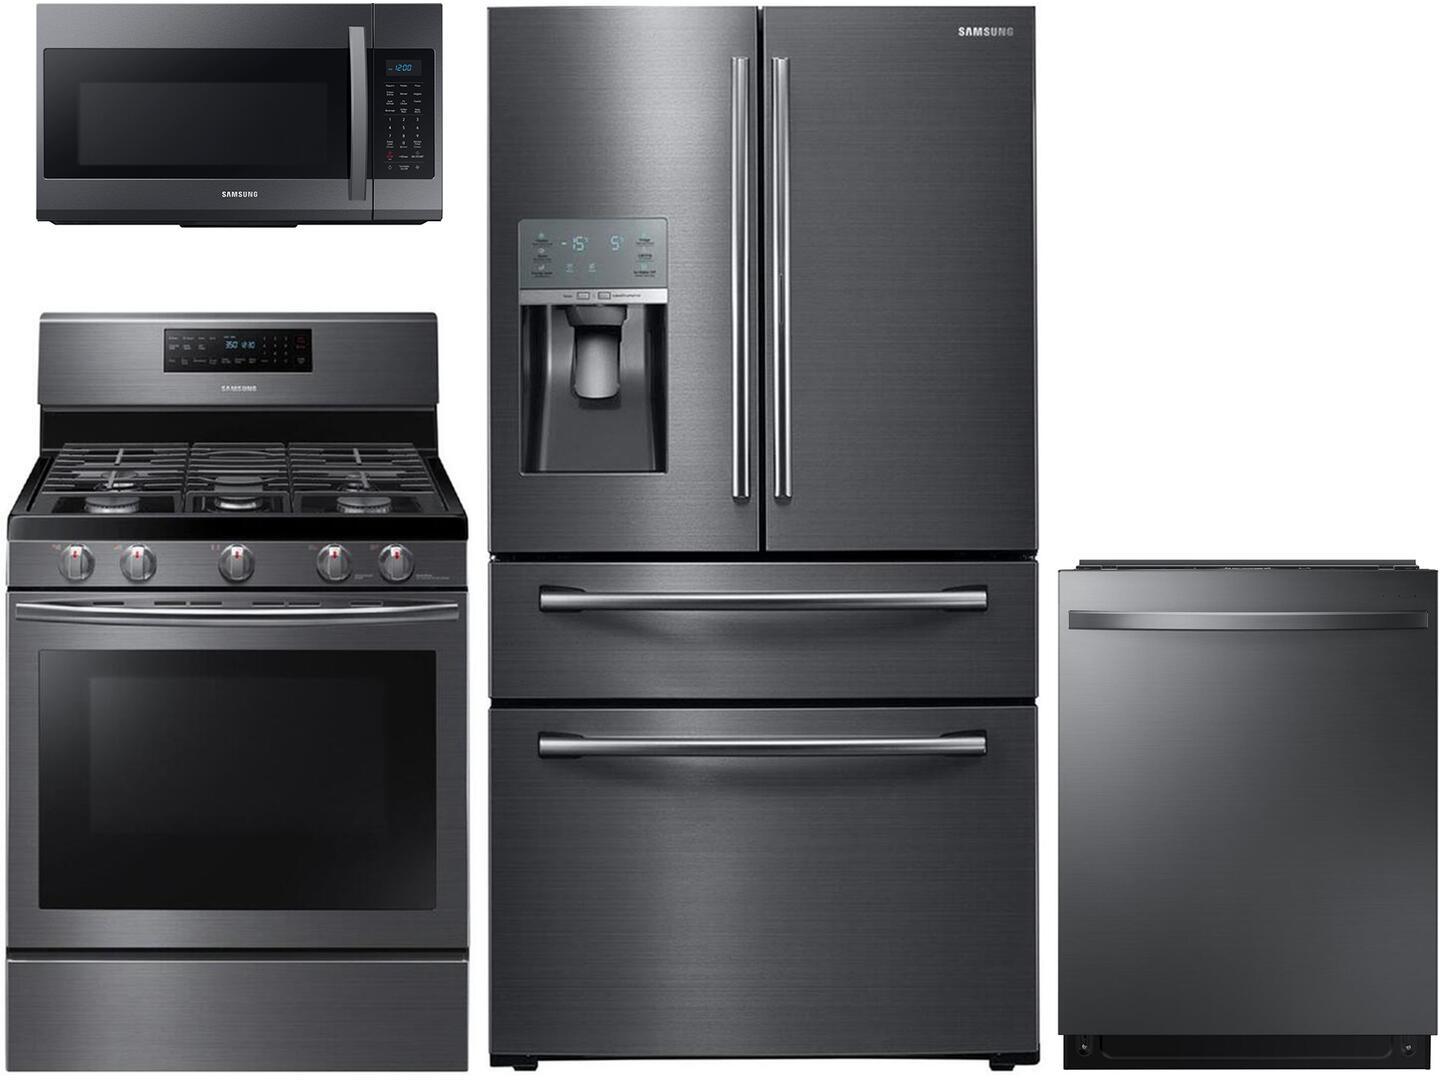 Black Stainless Steel Kitchen Appliances: Samsung Appliance 602411 Black Stainless Steel Kitchen